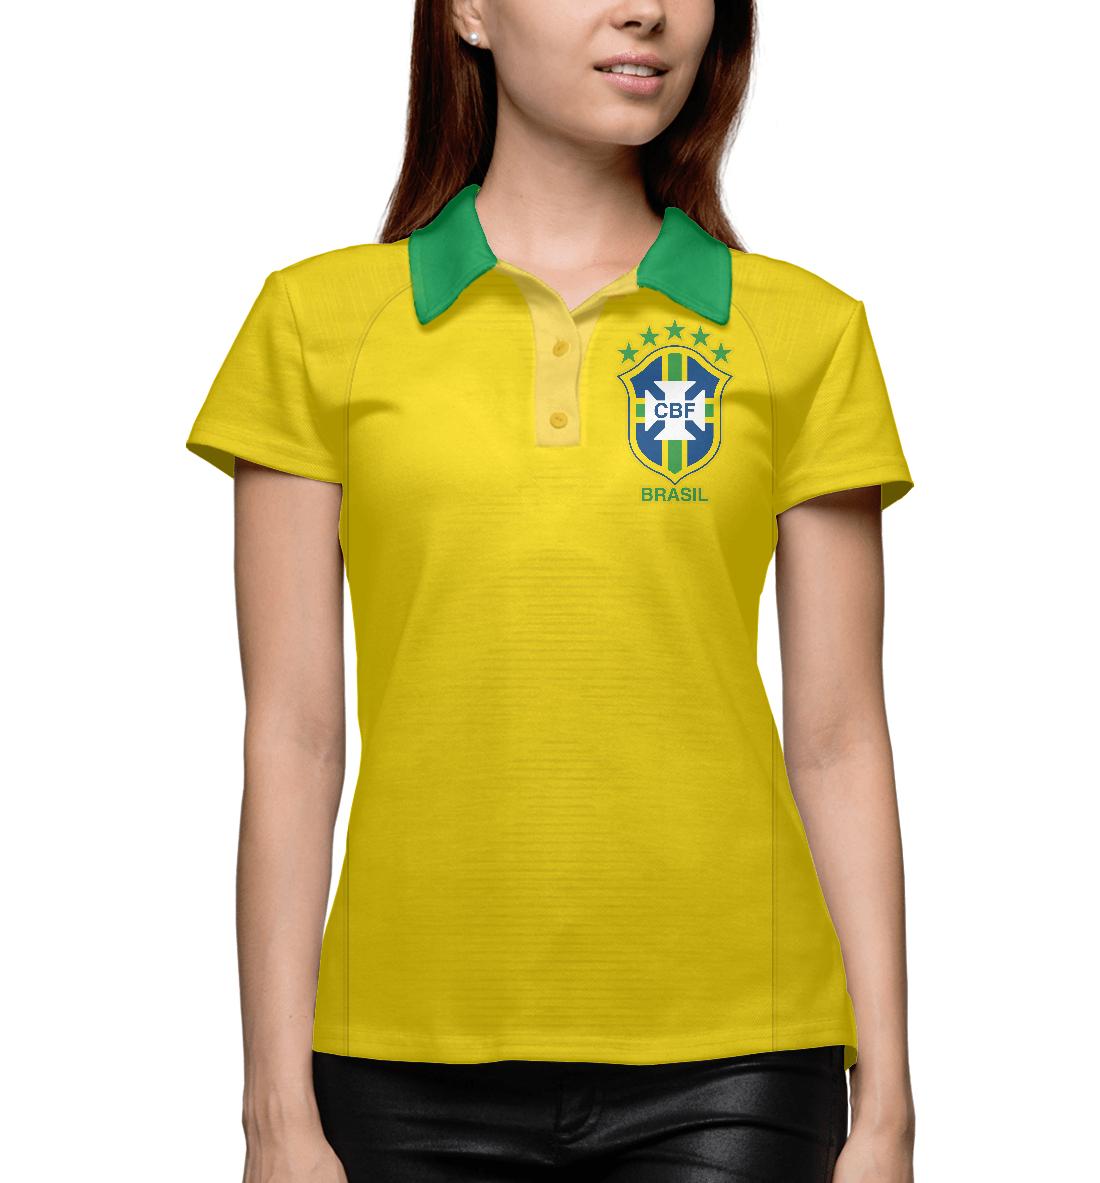 Купить Форма Сборной Бразилии 2018, Printbar, Поло, FNS-723130-pol-1